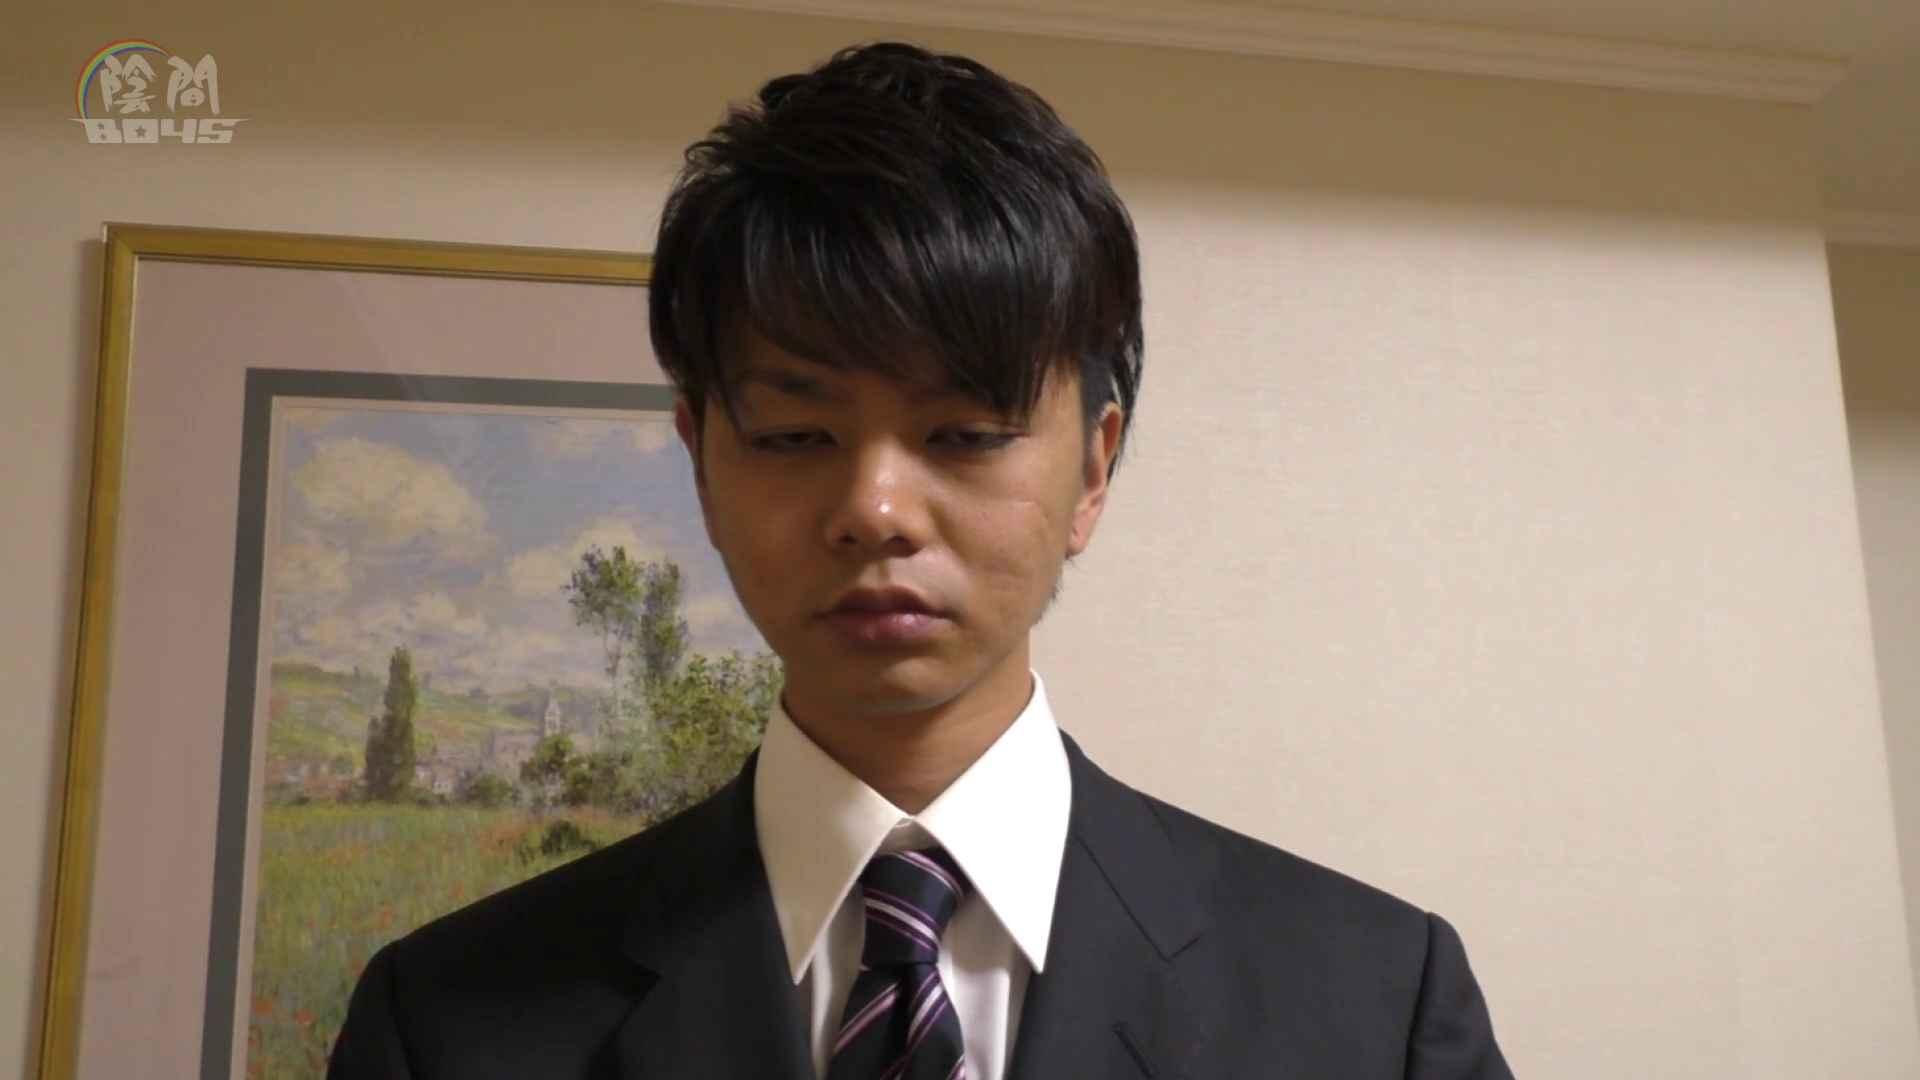 キャバクラの仕事はアナルから6  ~アナルの囁き~Vol.02 アナル挿入 ゲイ無修正動画画像 70pic 21